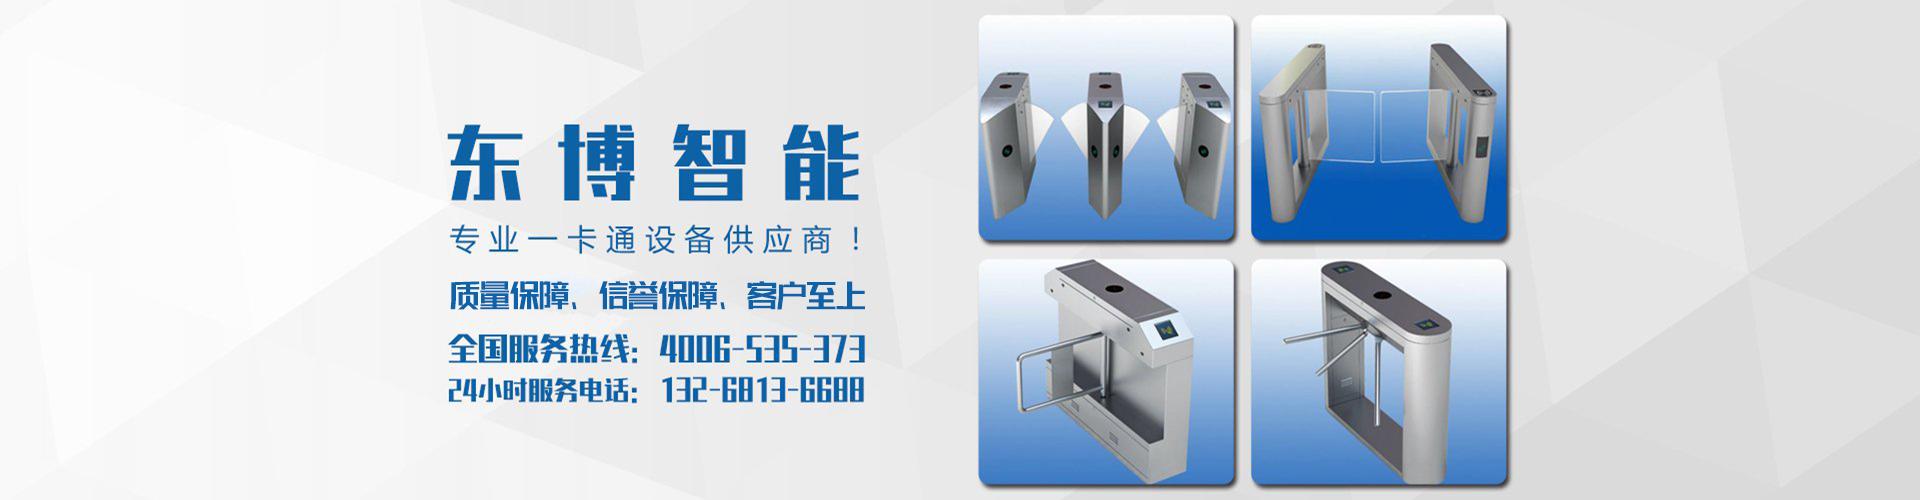 广州停车场系统